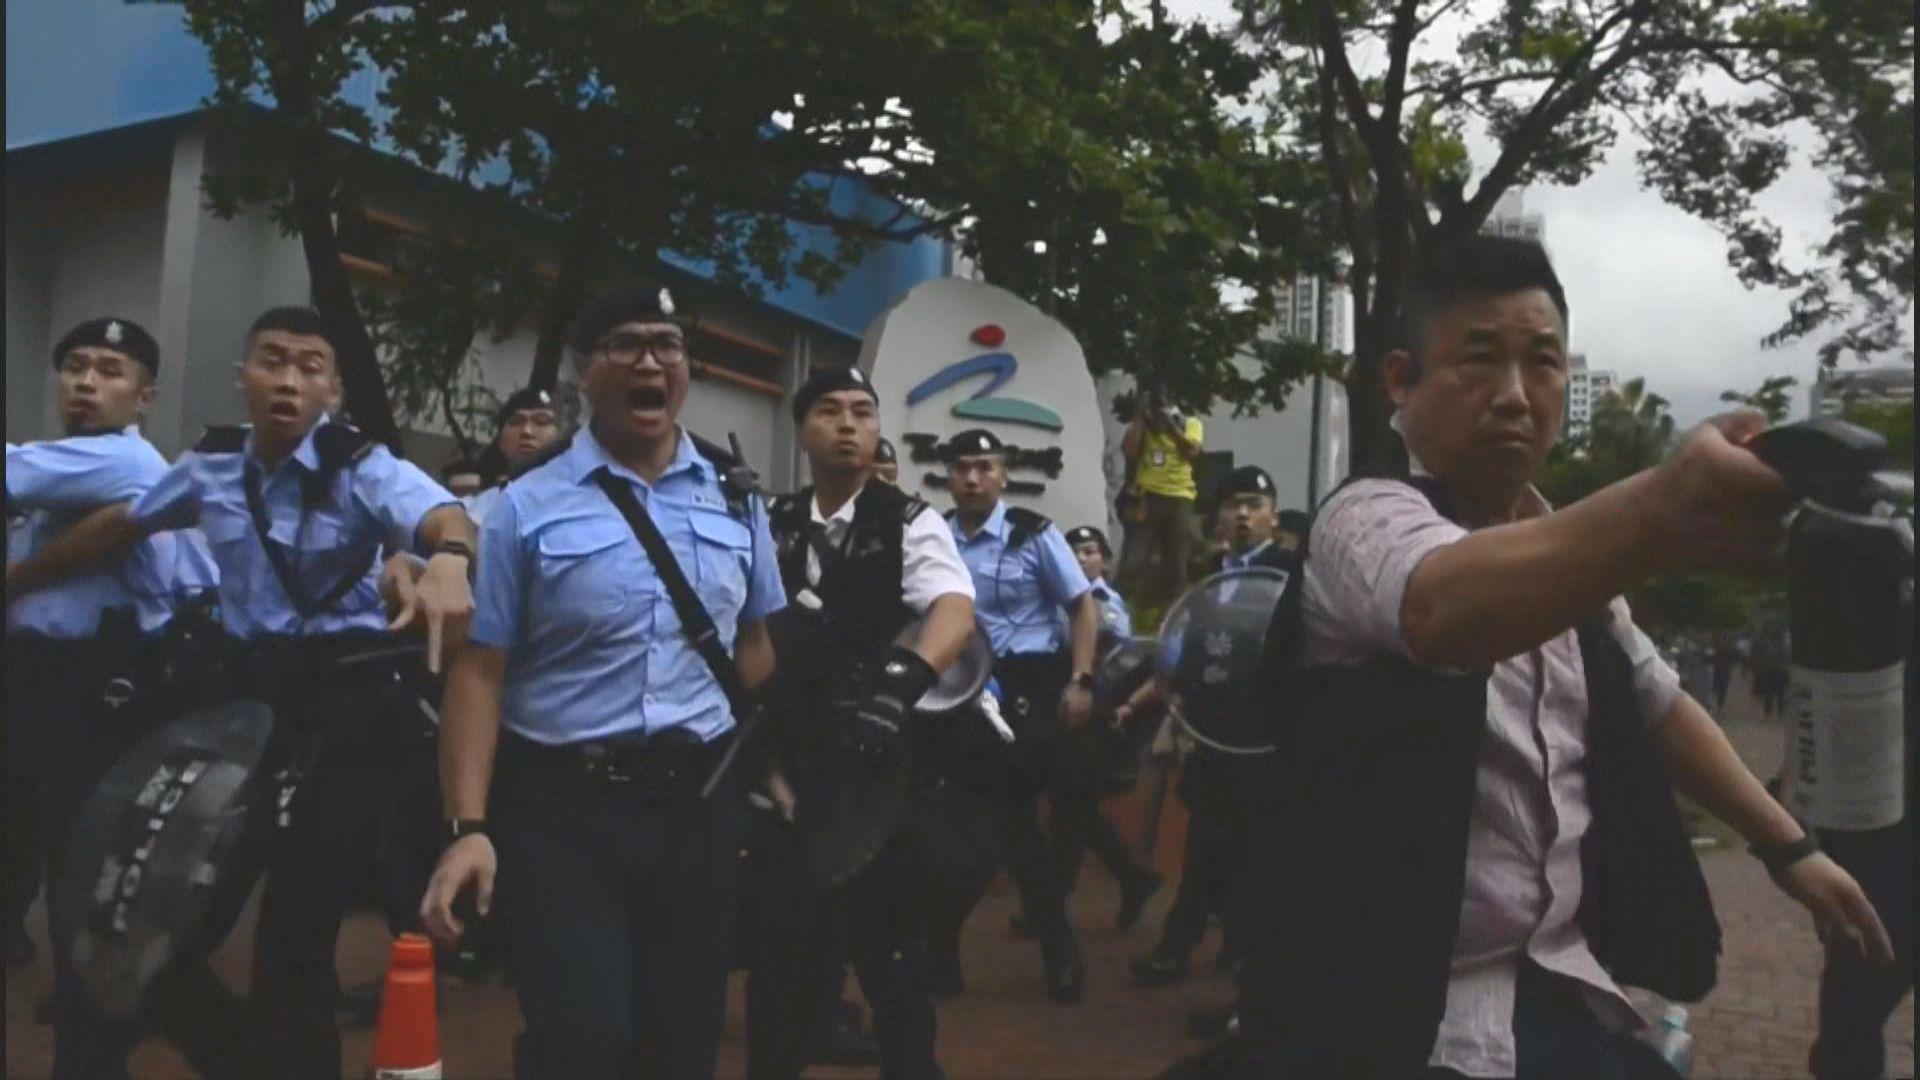 【沙田遊行】警方在源禾路施放胡椒噴劑